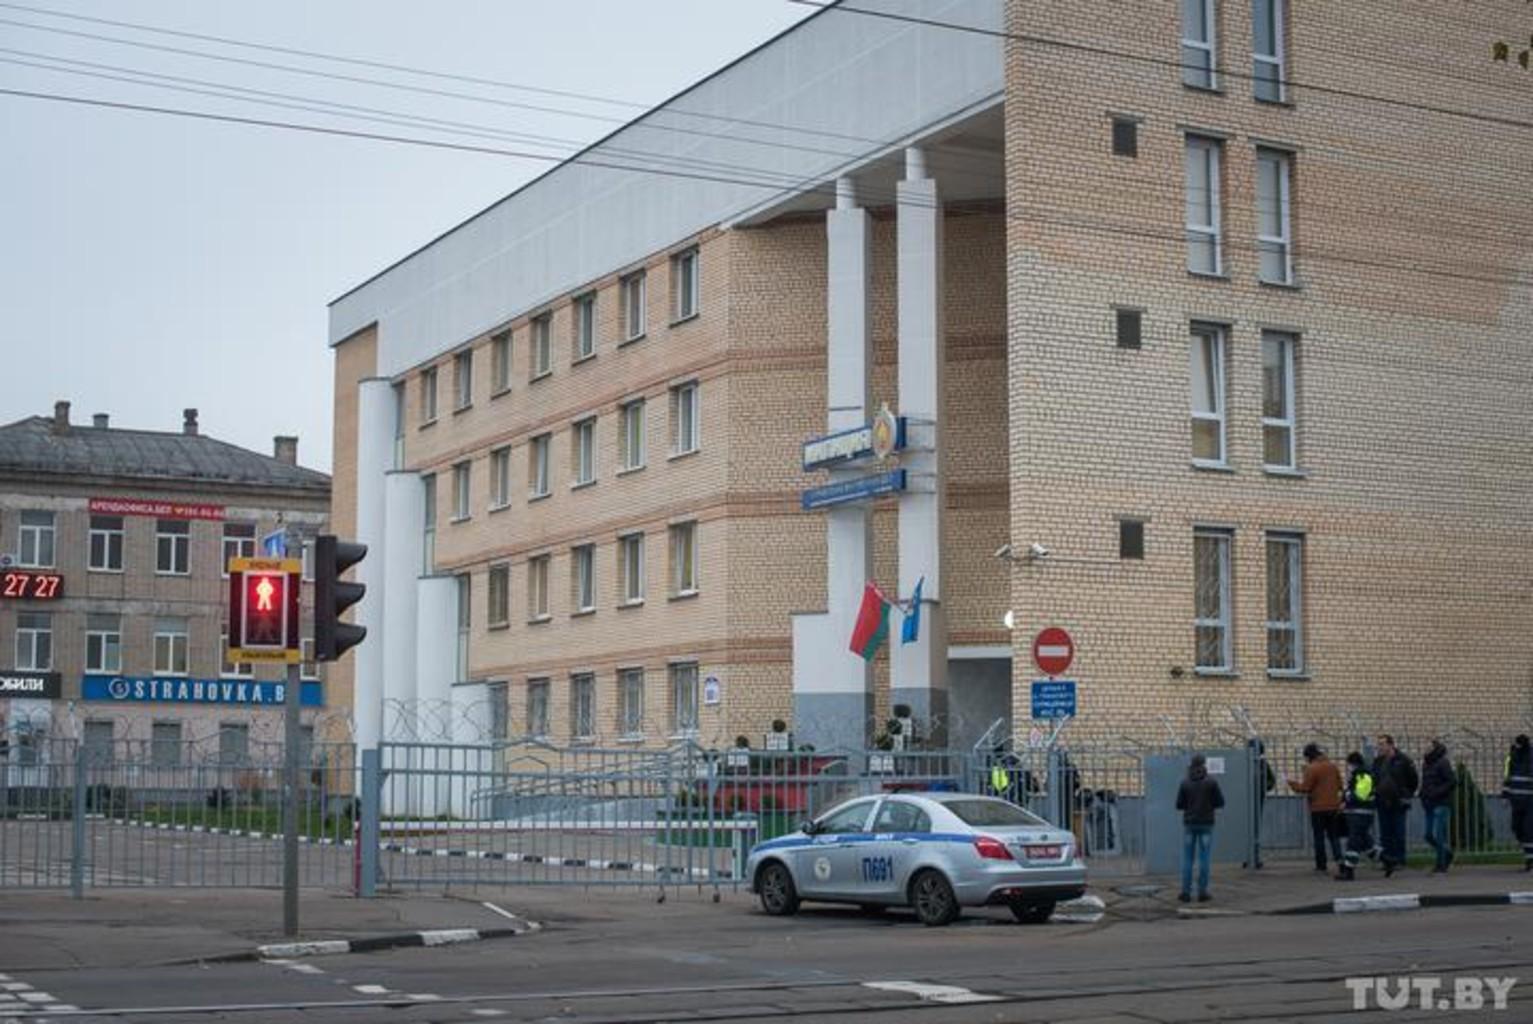 Orlovskaya serebryakova tutby mvs 7341